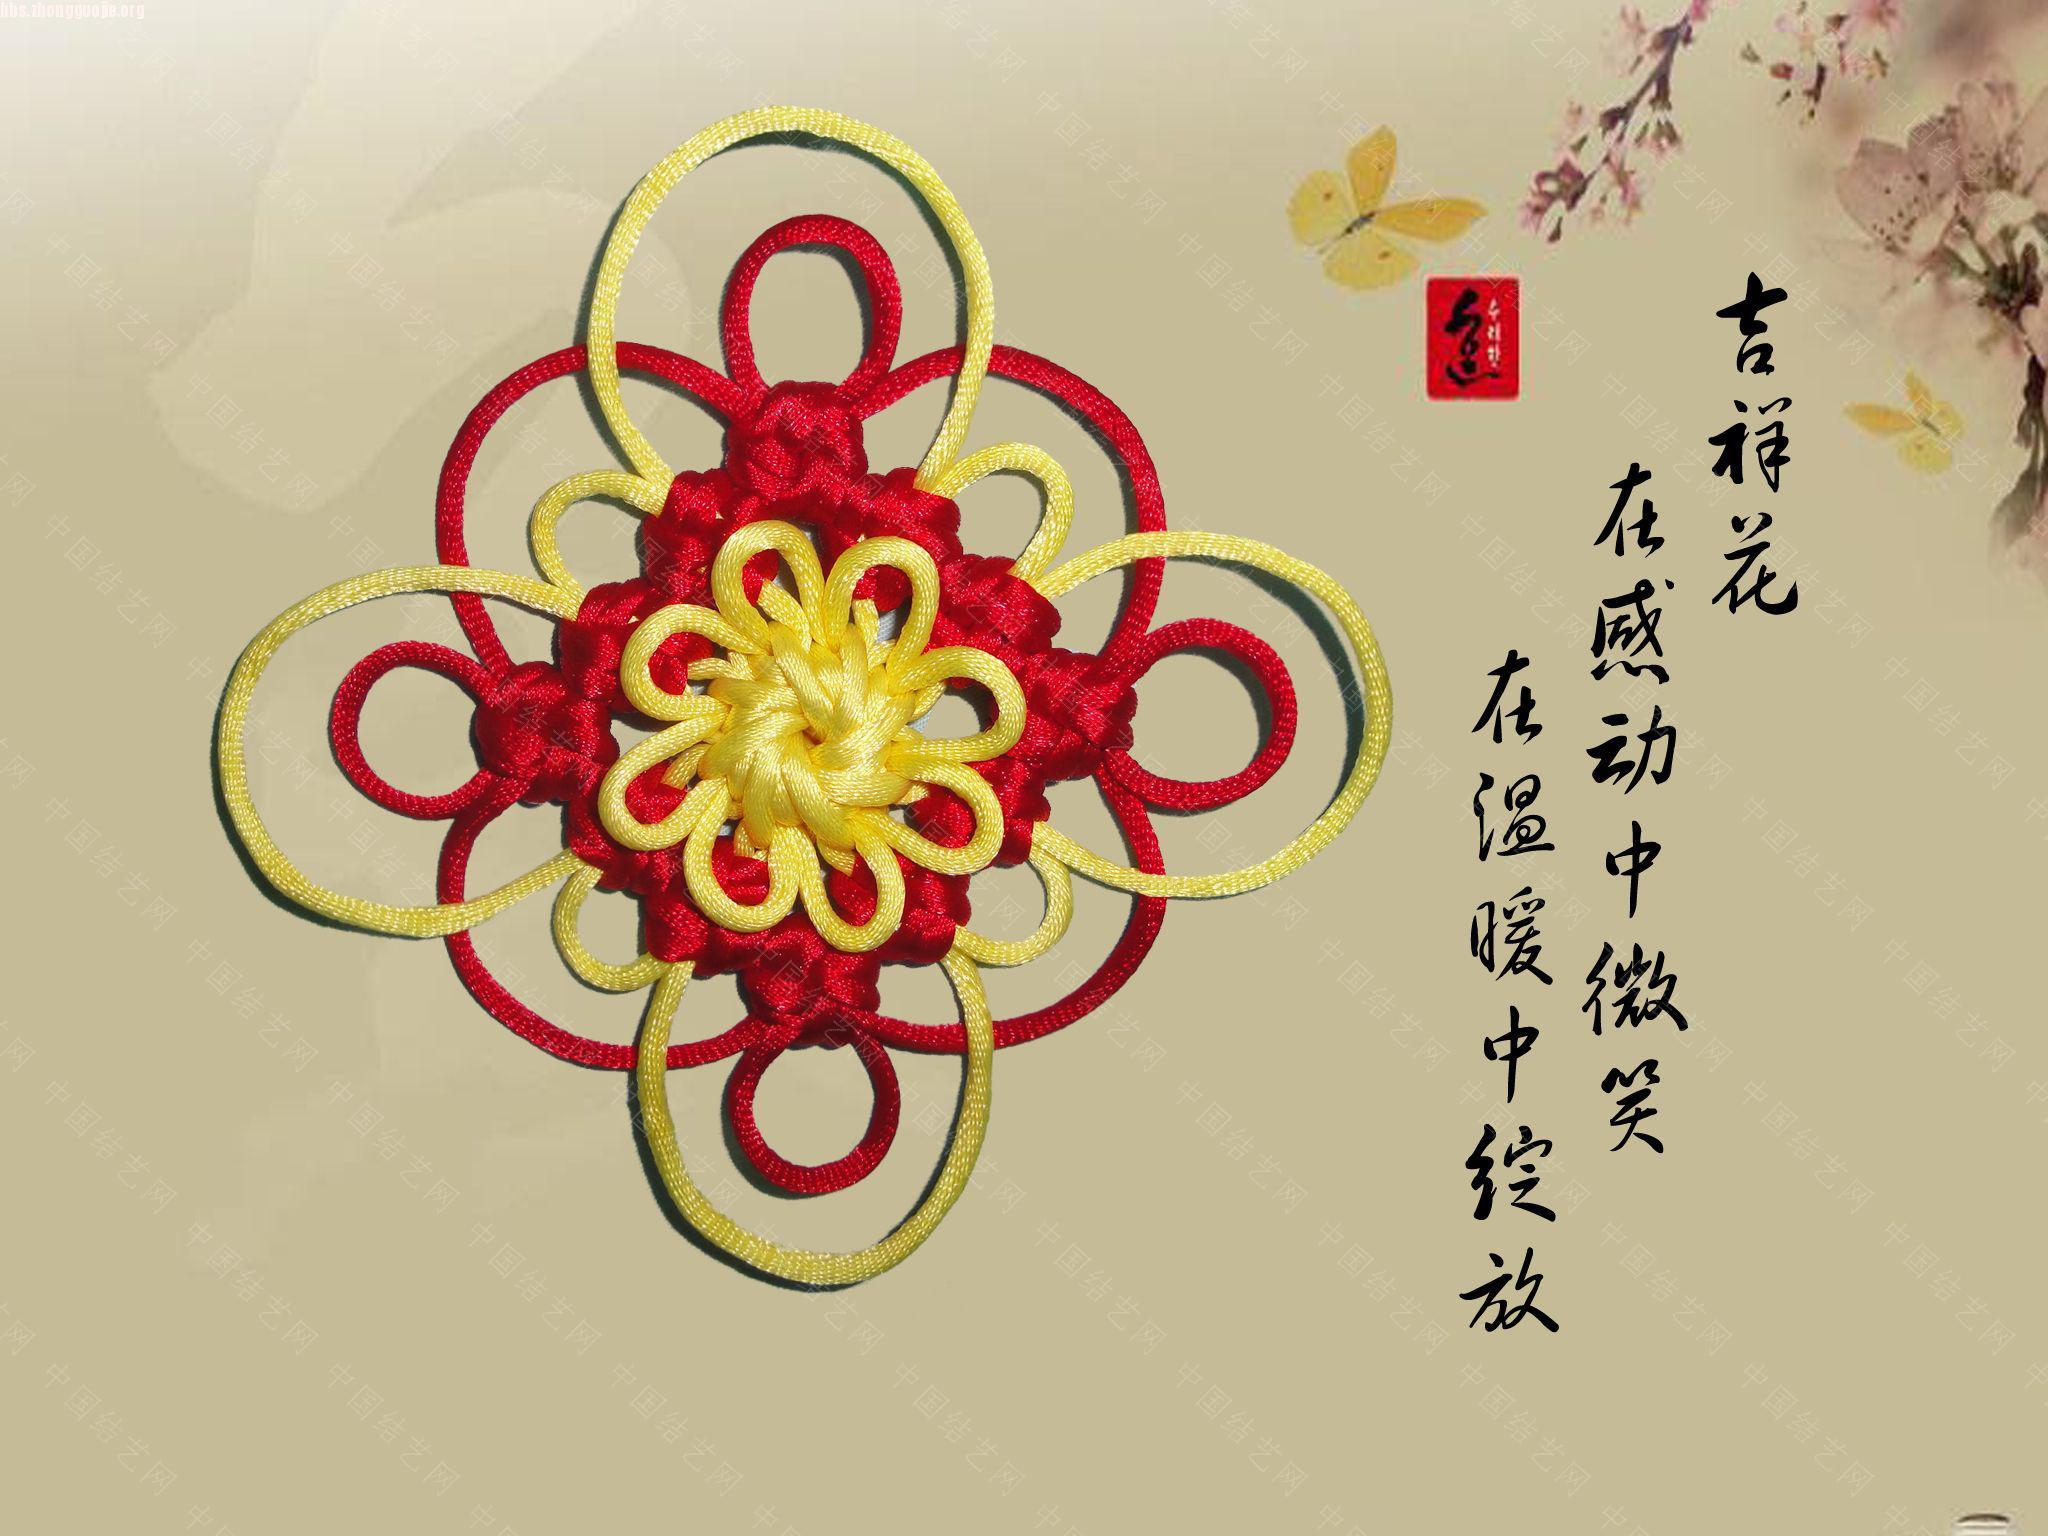 中国结论坛   冰花结(华瑶结)的教程与讨论区 10102319171a9ae69e7c292606